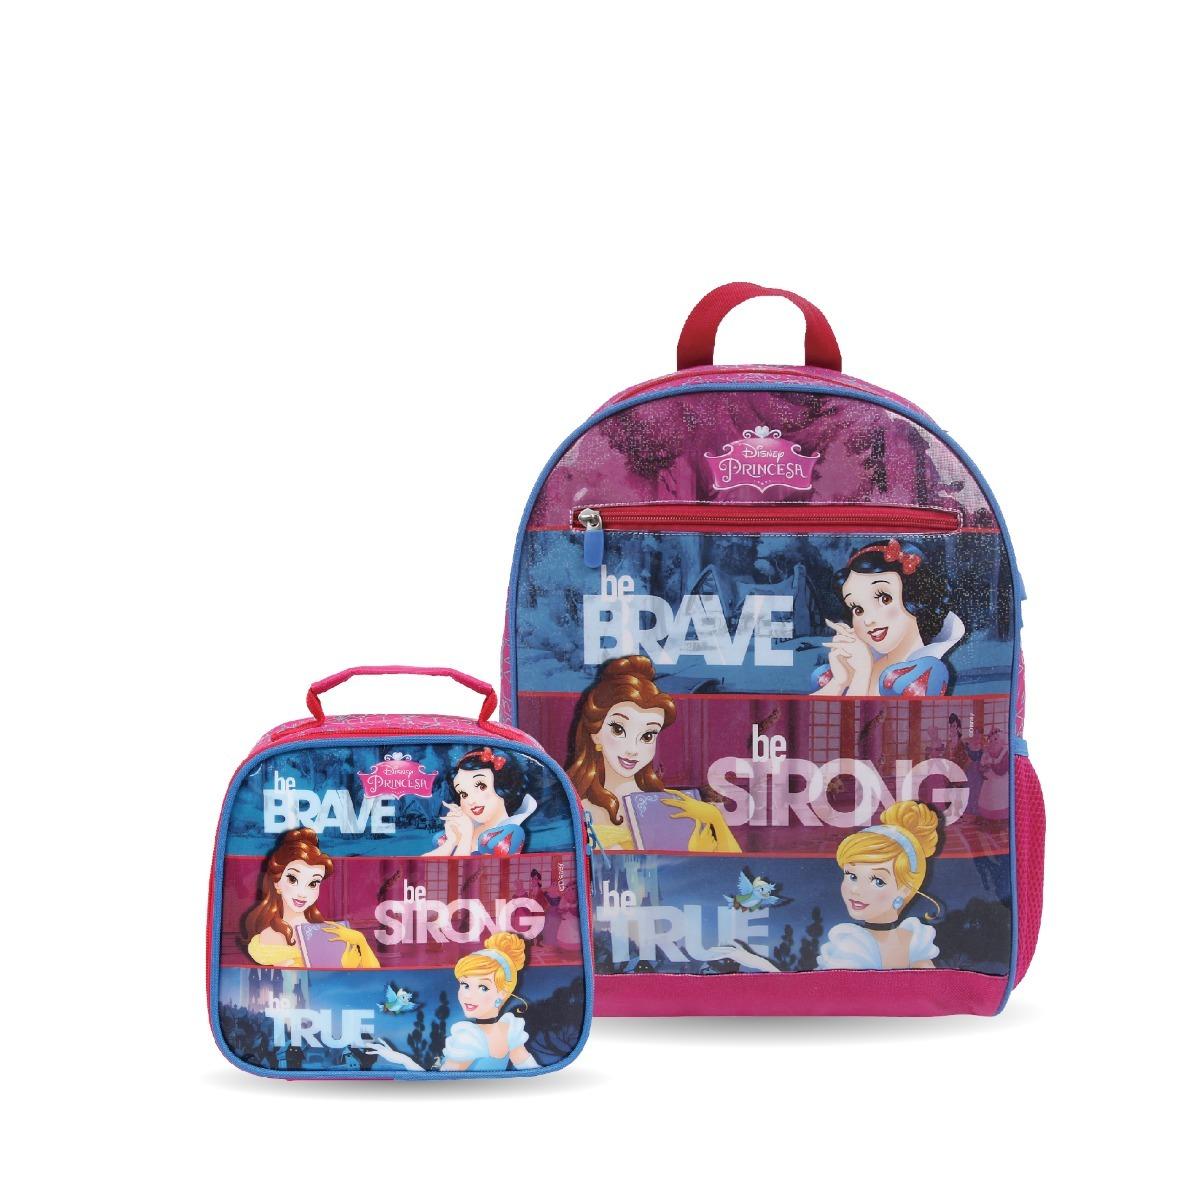 4e8baf4e9 kit princesas disney mochila + lancheira escolar infantil. Carregando zoom.